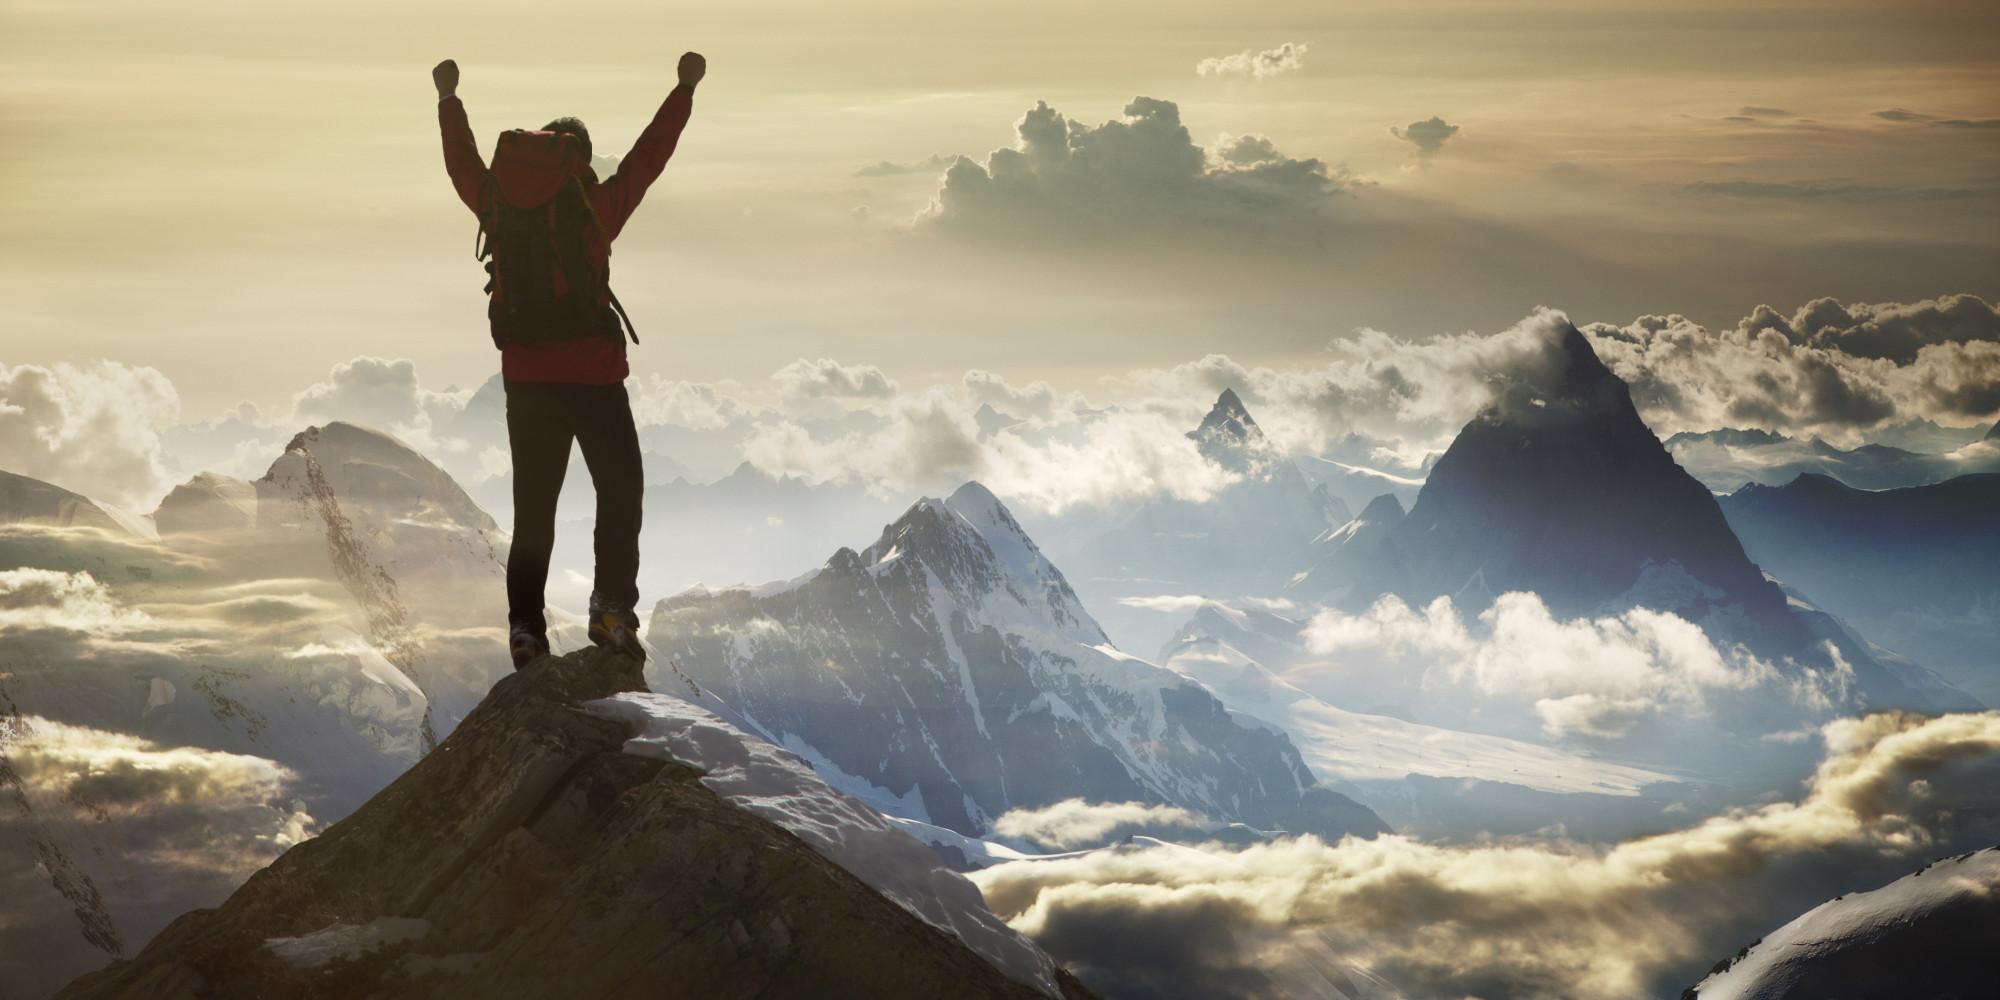 О мотивации, лени и осознанности